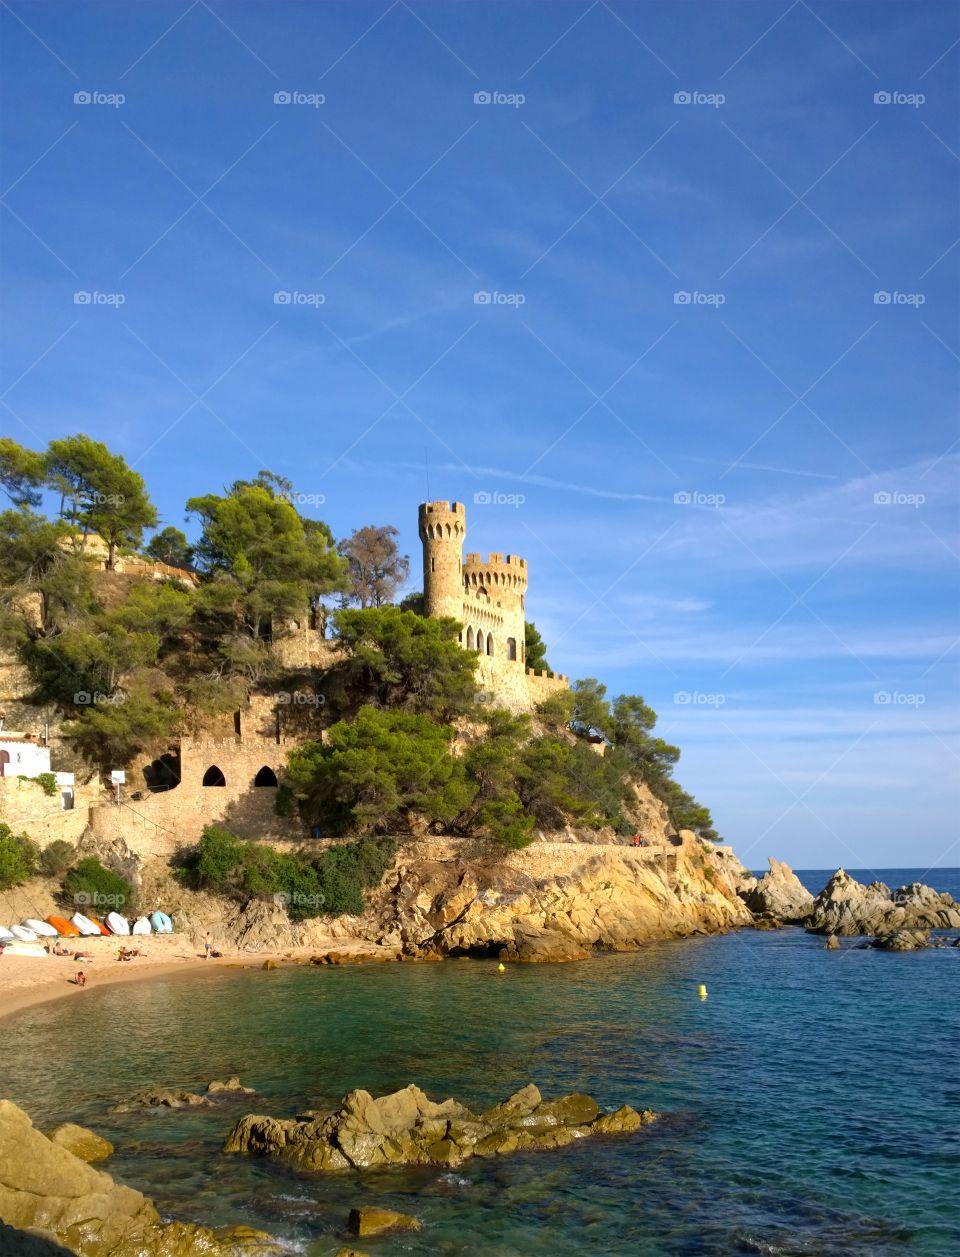 Castle in Lloret de Mar, Spain. Landscape of the Castle and Beach in Lloret de Mar, Costa Brava, Girona, Spain